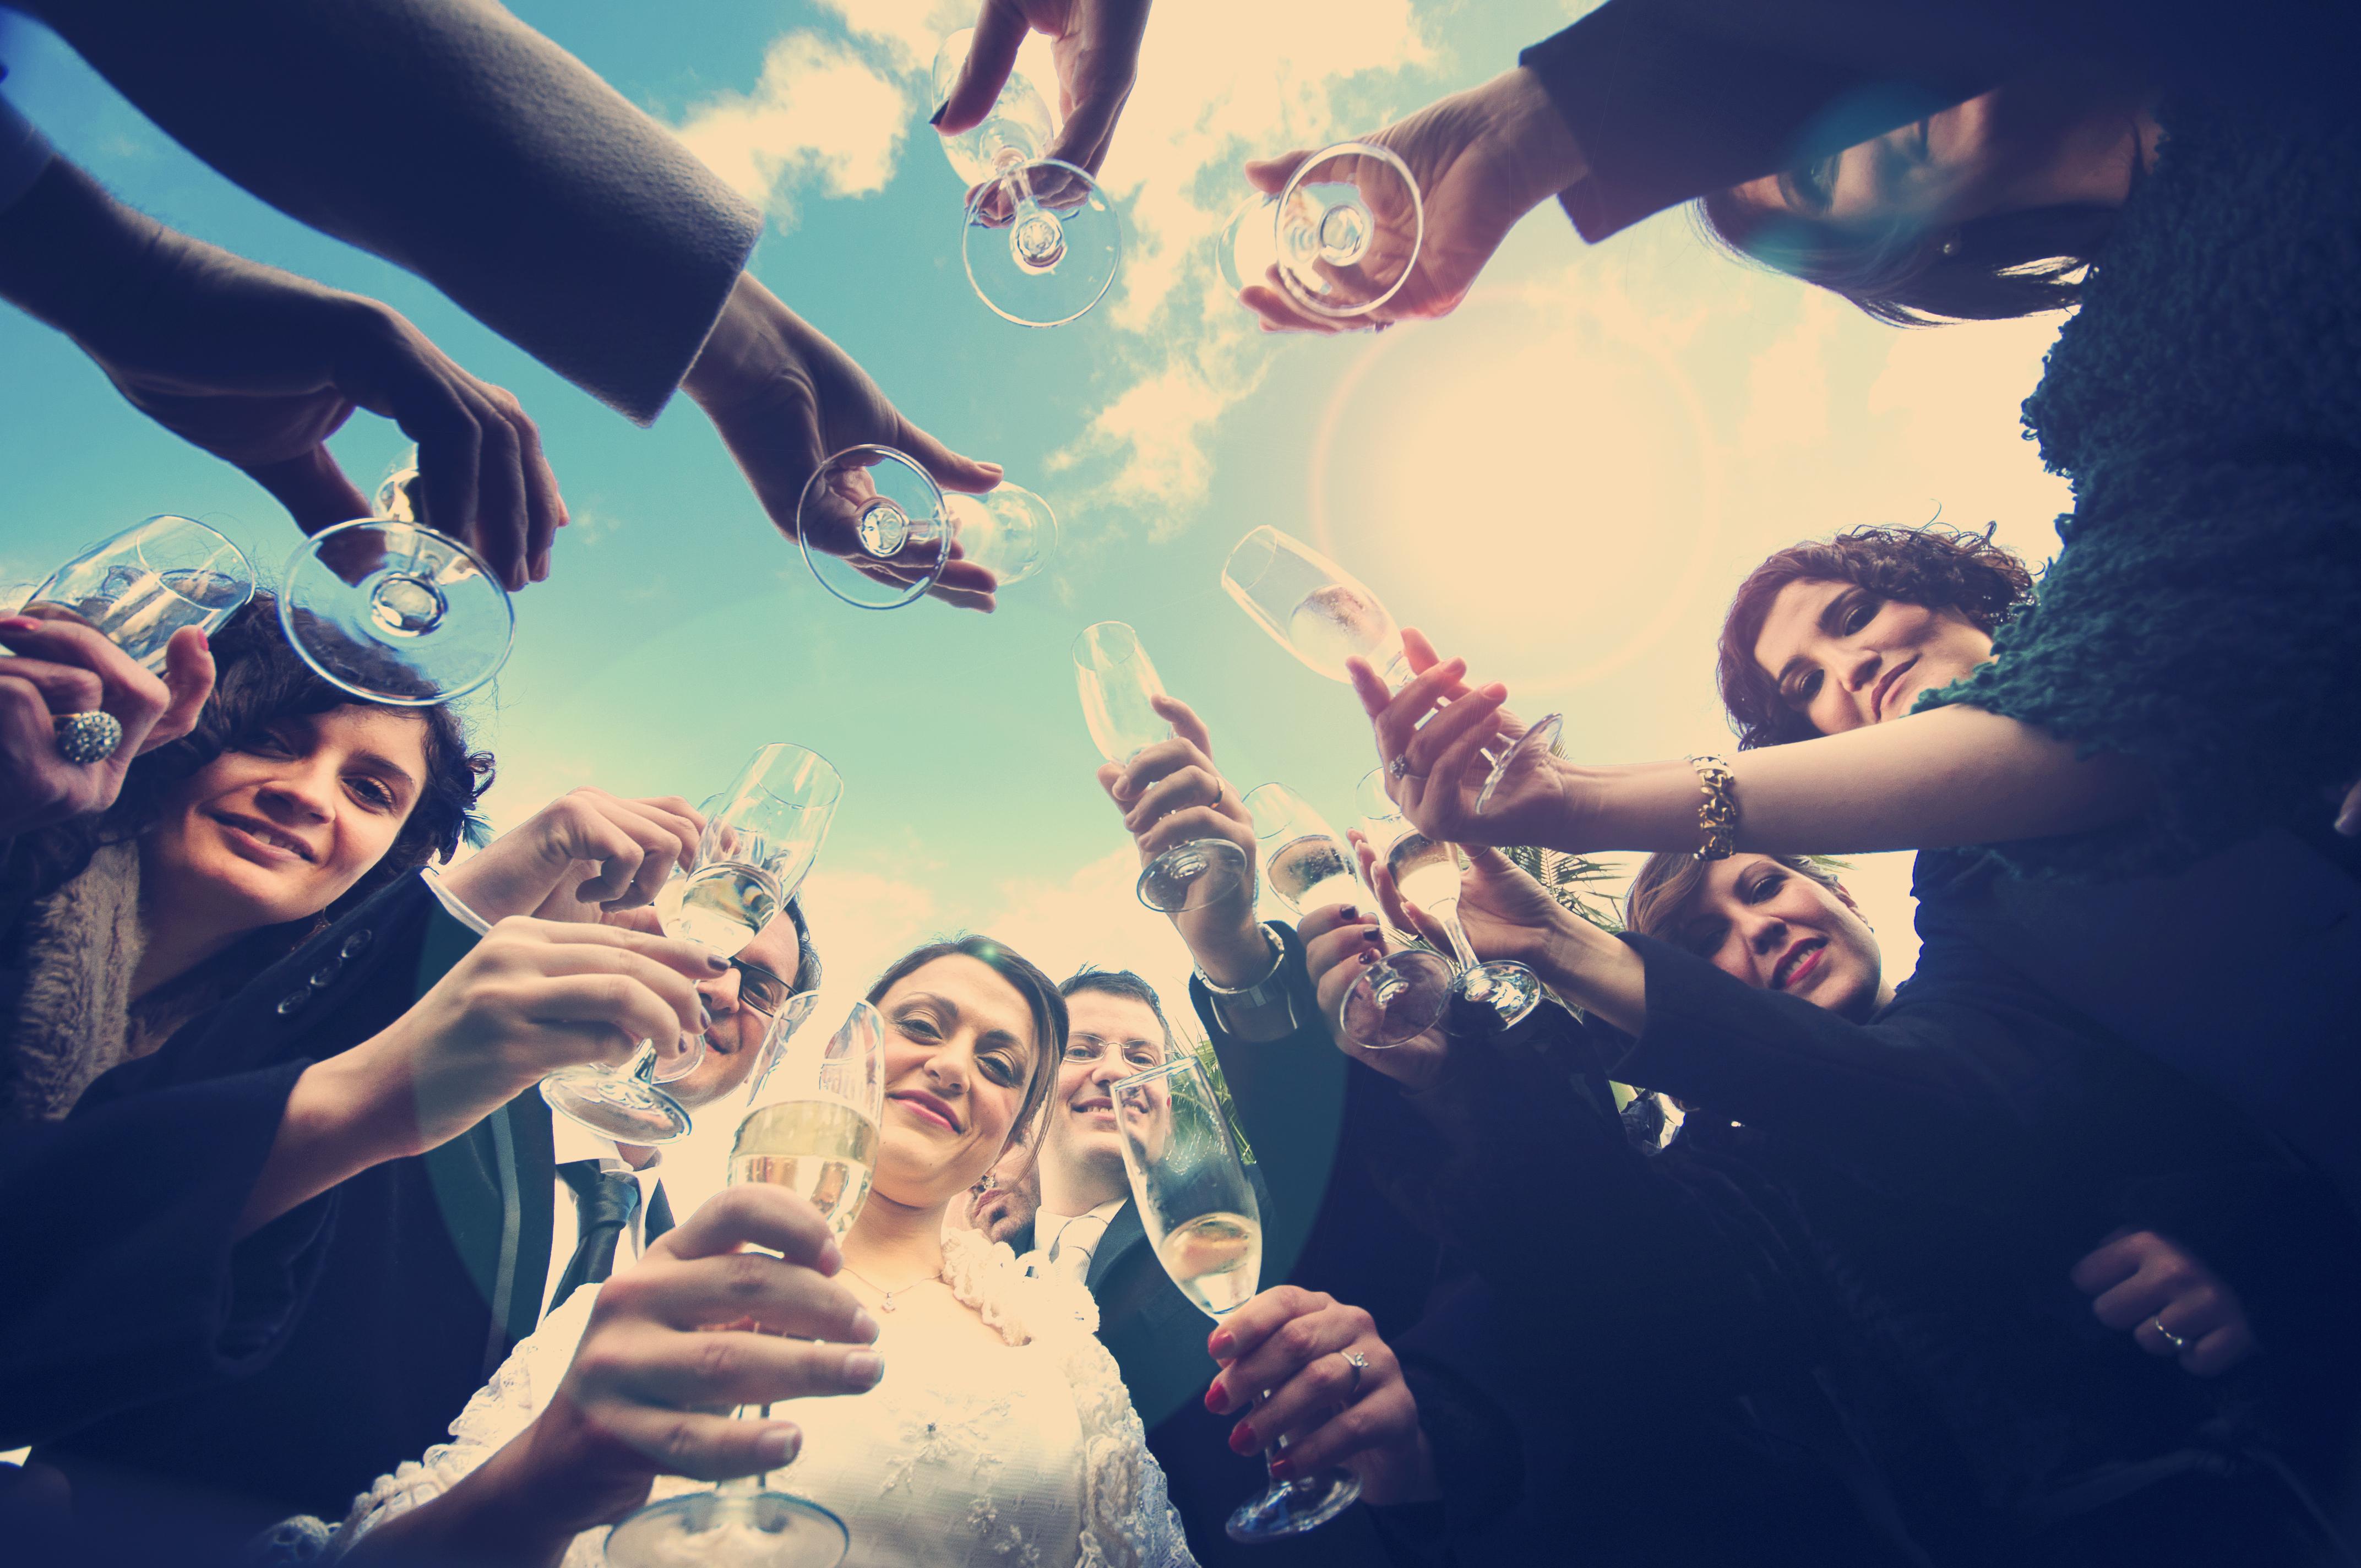 Charmant Tan Passt Hochzeit Bilder - Brautkleider Ideen ...